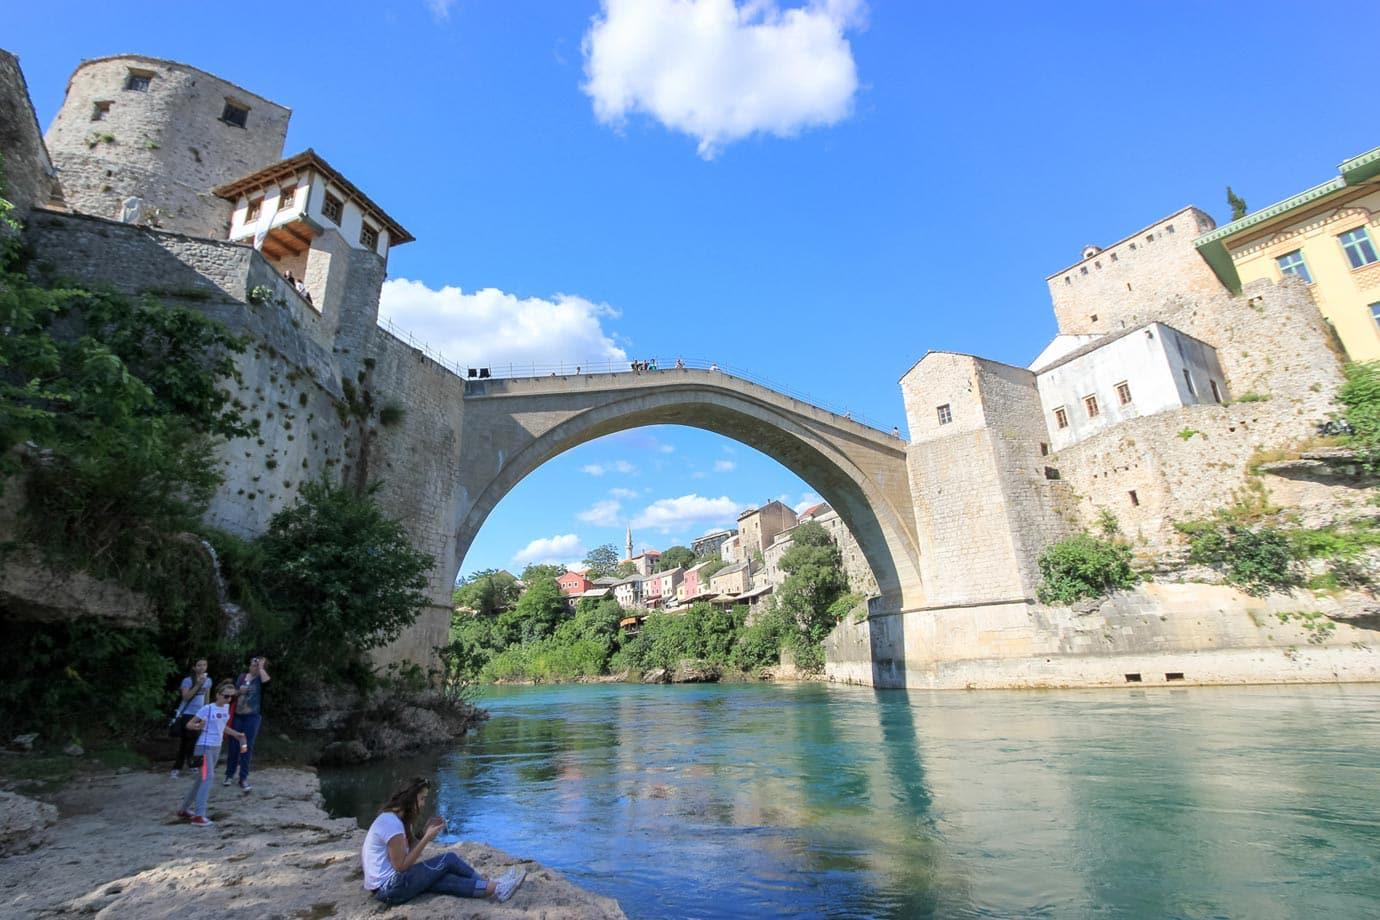 bosnia bridge jump